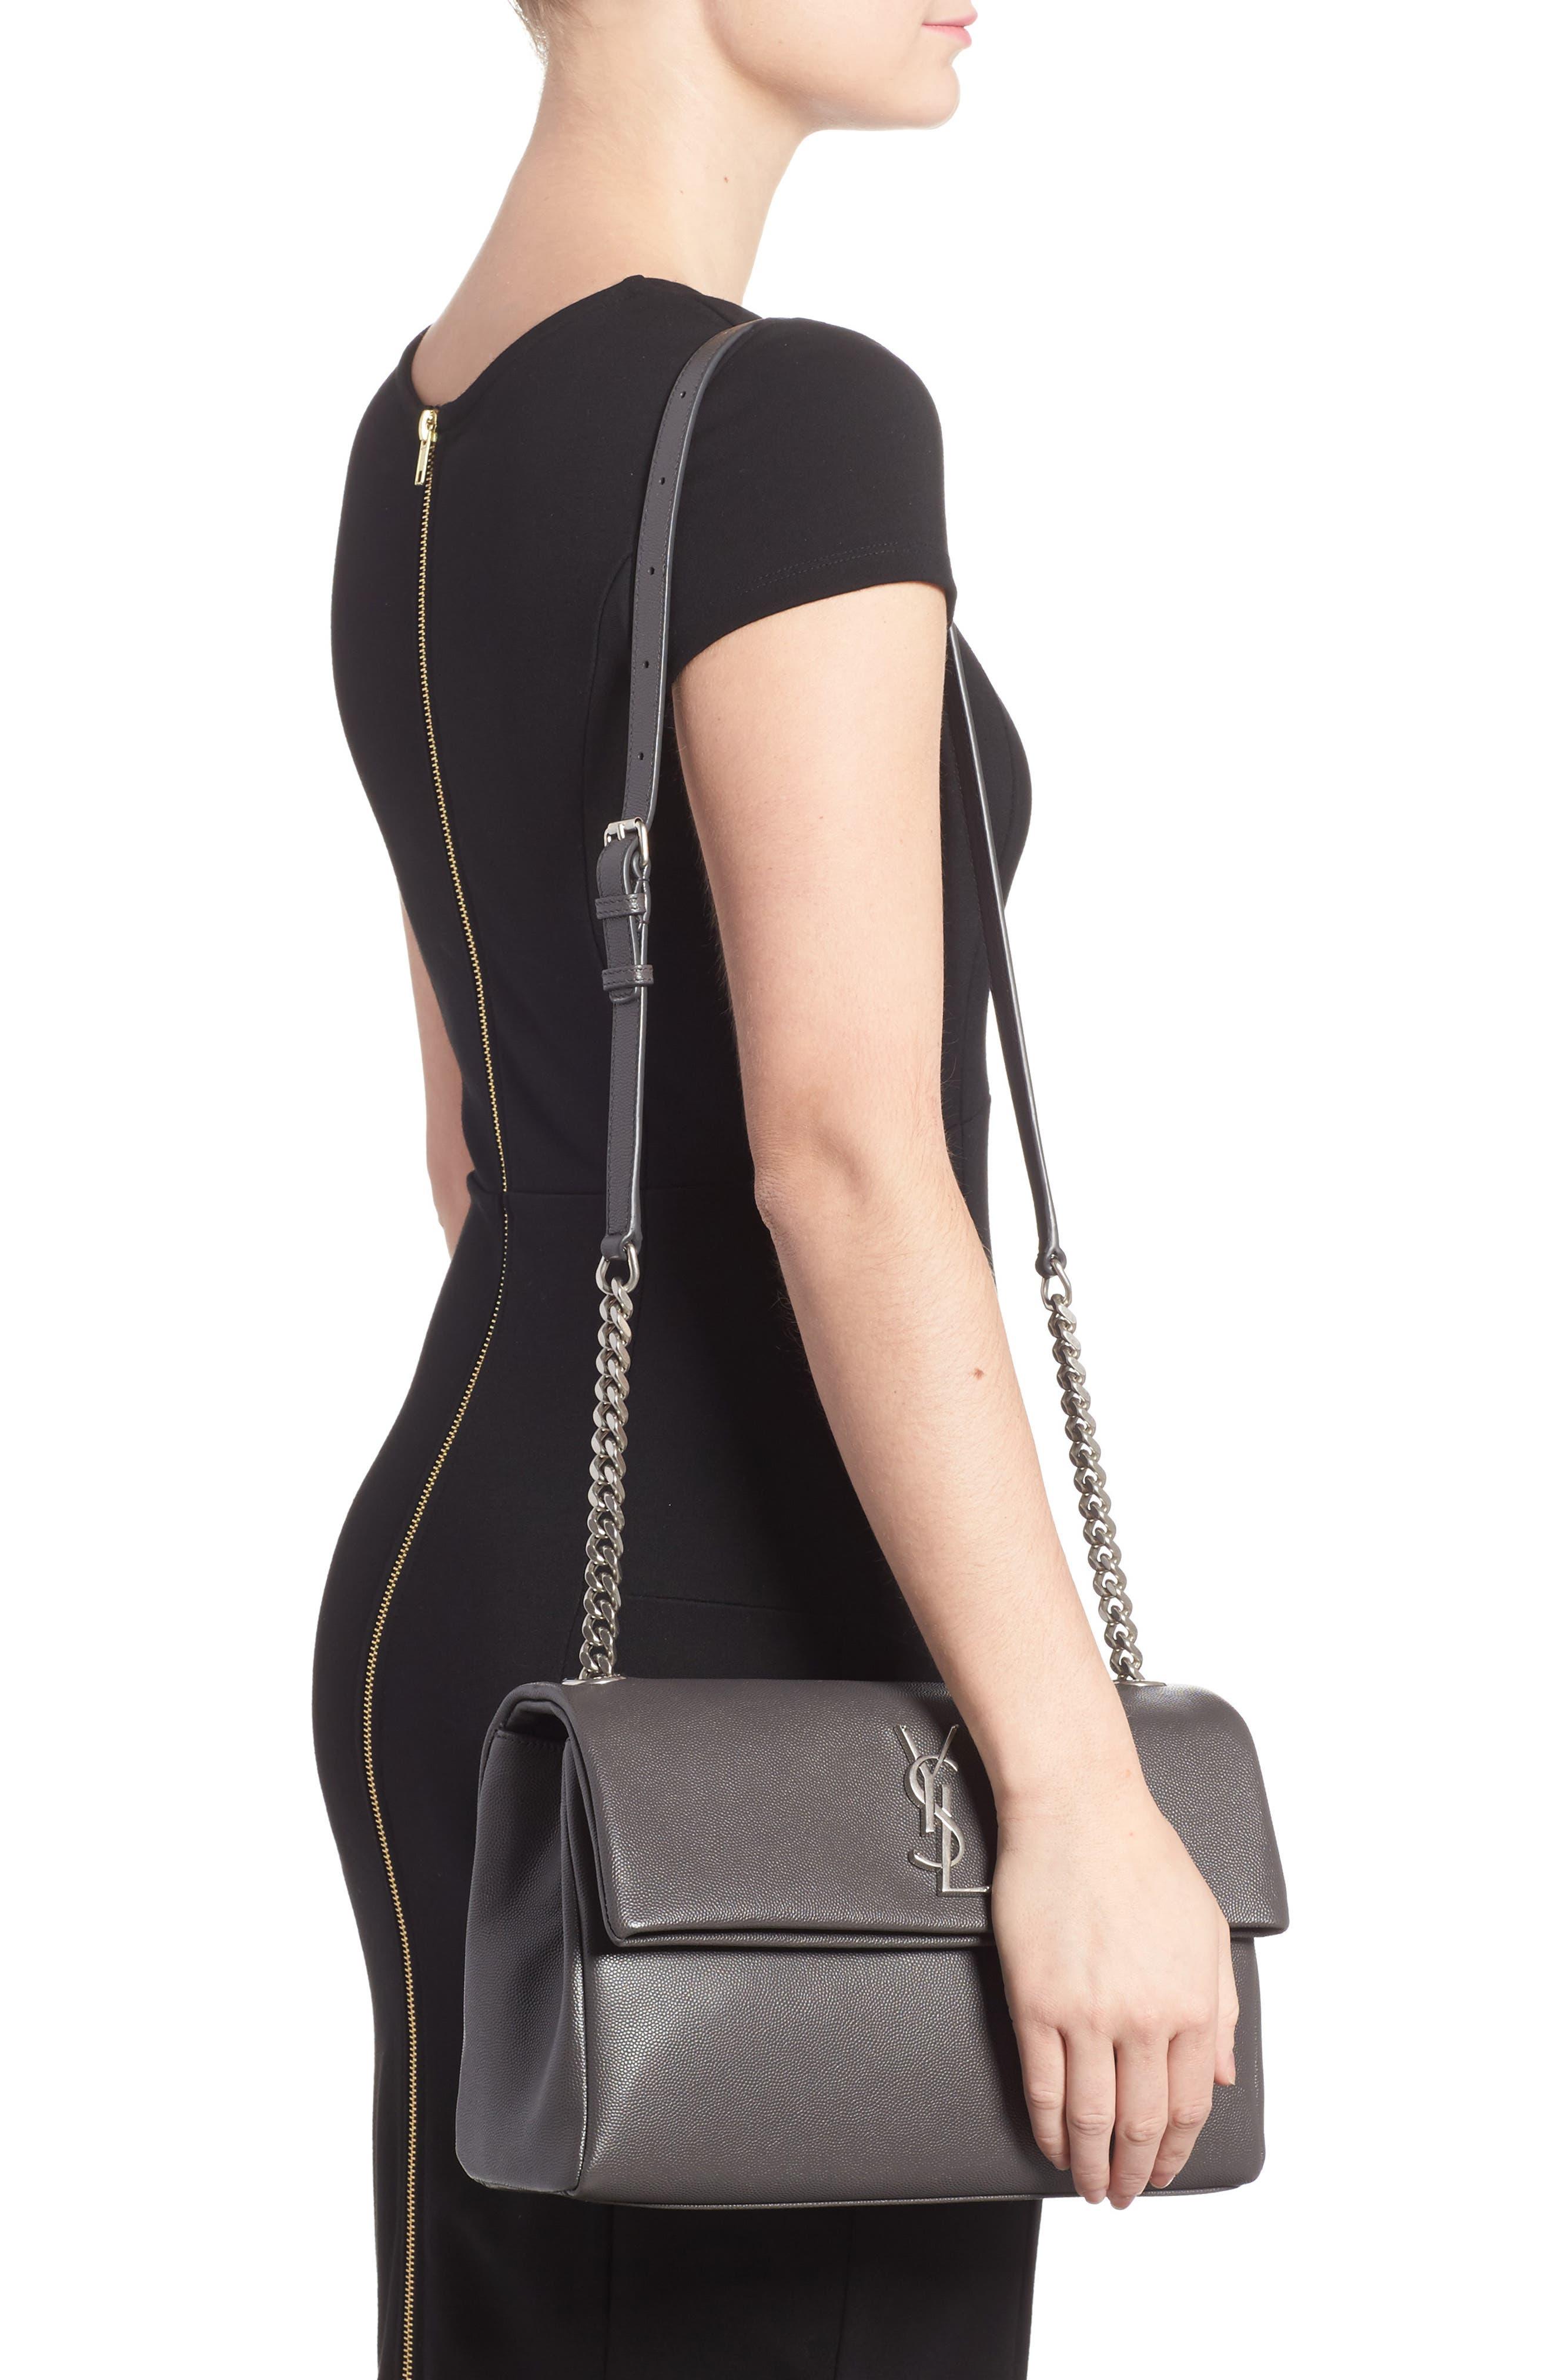 Medium West Hollywood Leather Shoulder Bag,                             Alternate thumbnail 2, color,                             064